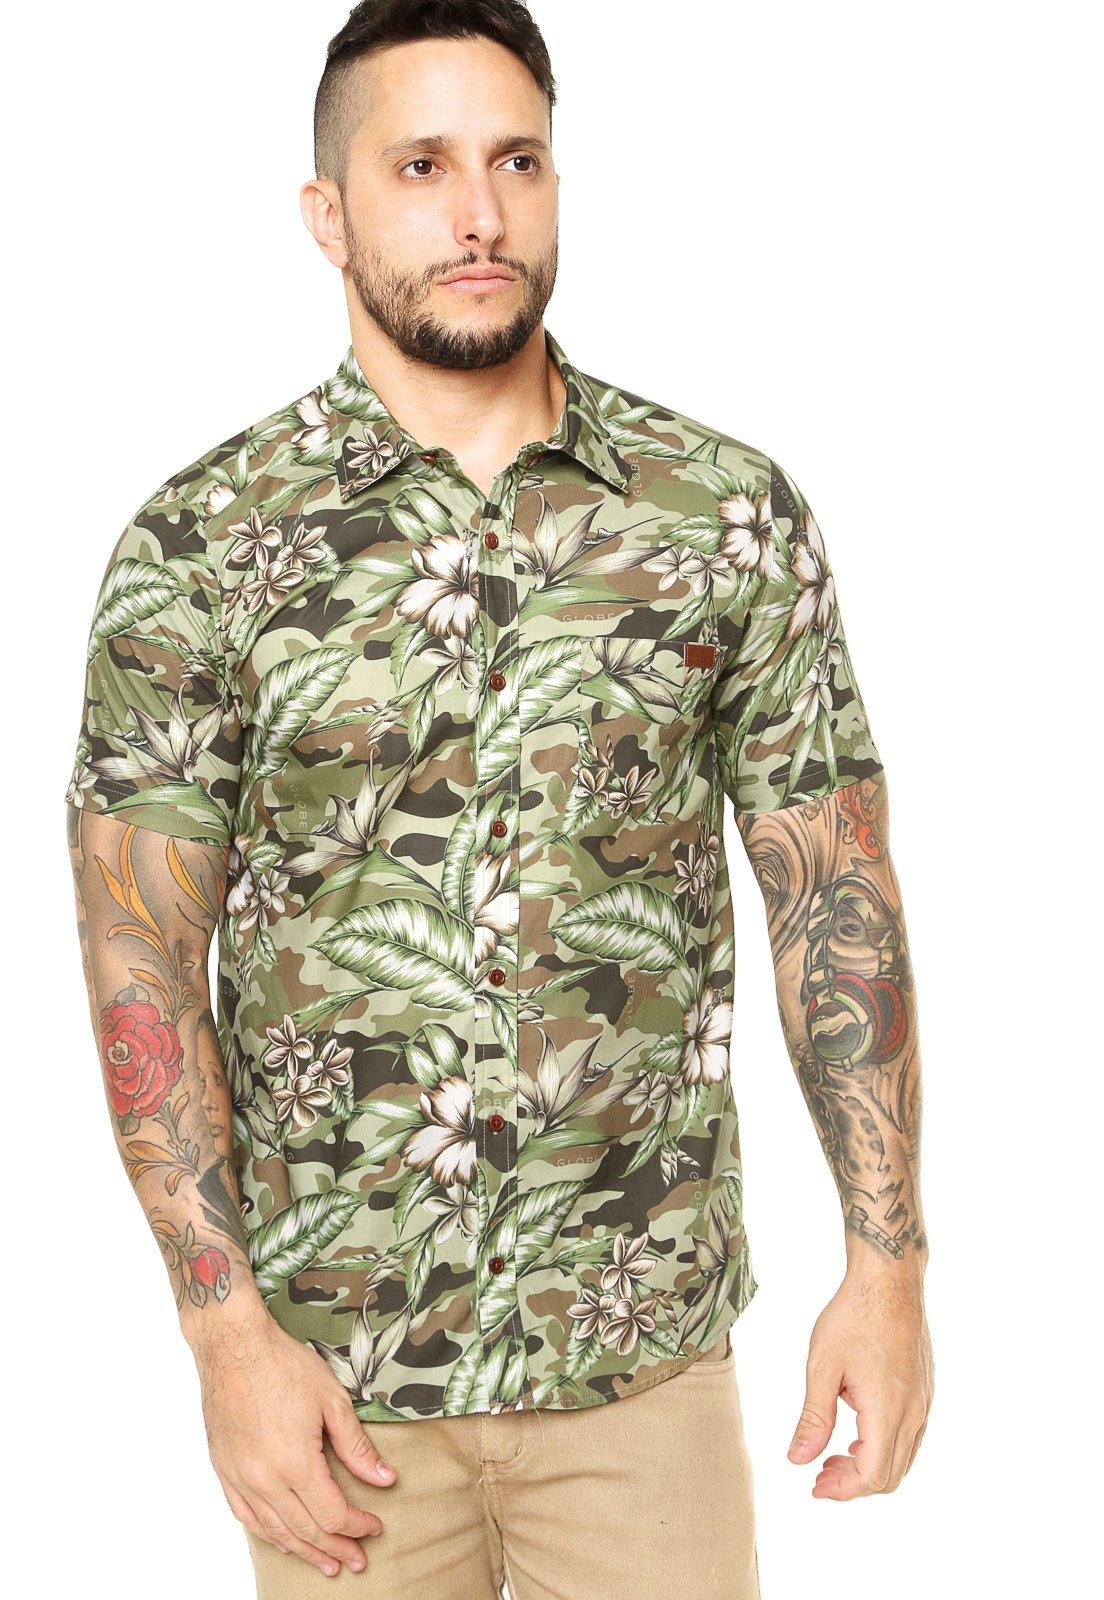 Camisas estampadas masculinas - Blog Kanui f8181417101e7